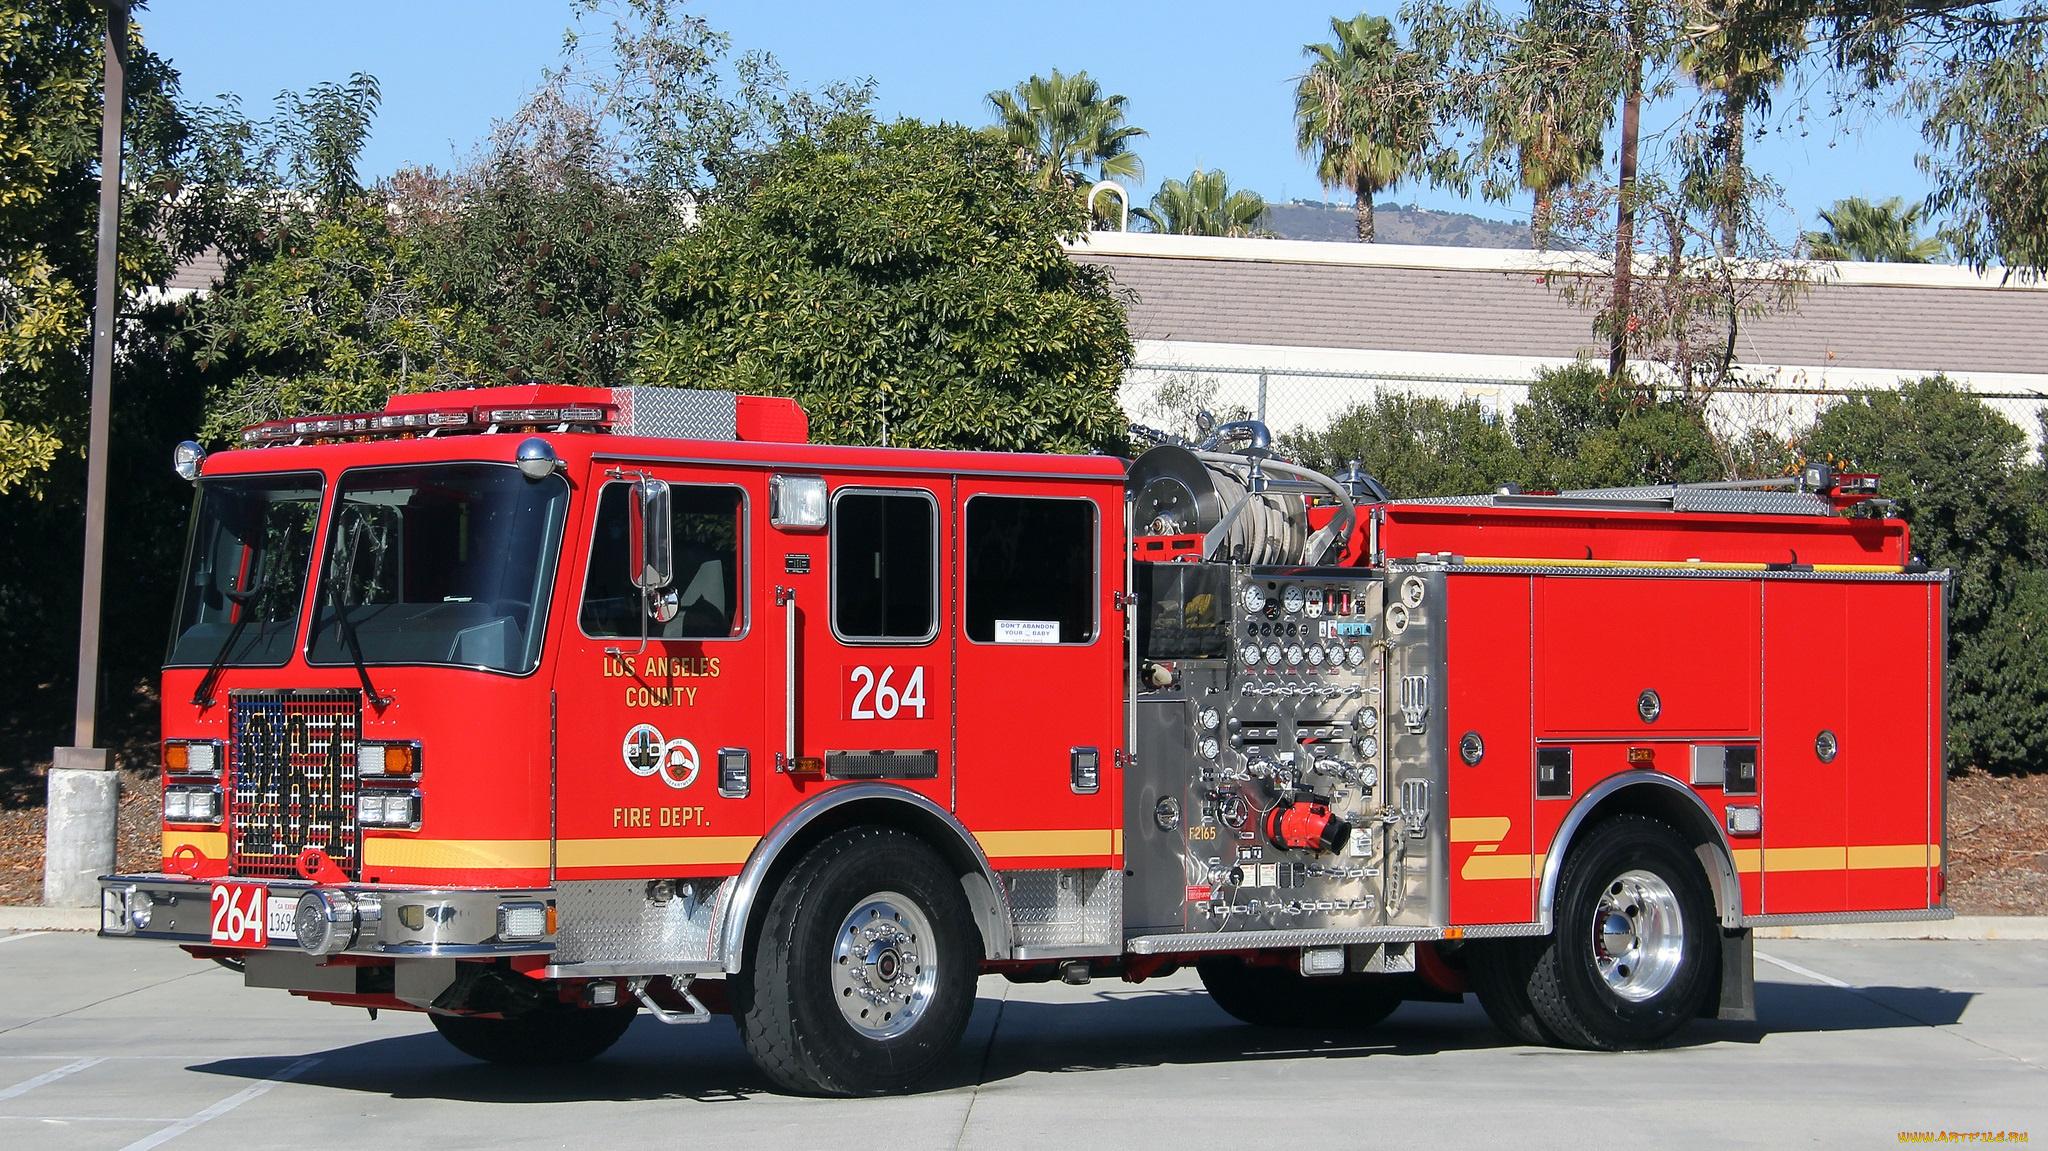 Пожарная - толкование сна онлайн по сонникам, с учетом синонимов и похожих значений.